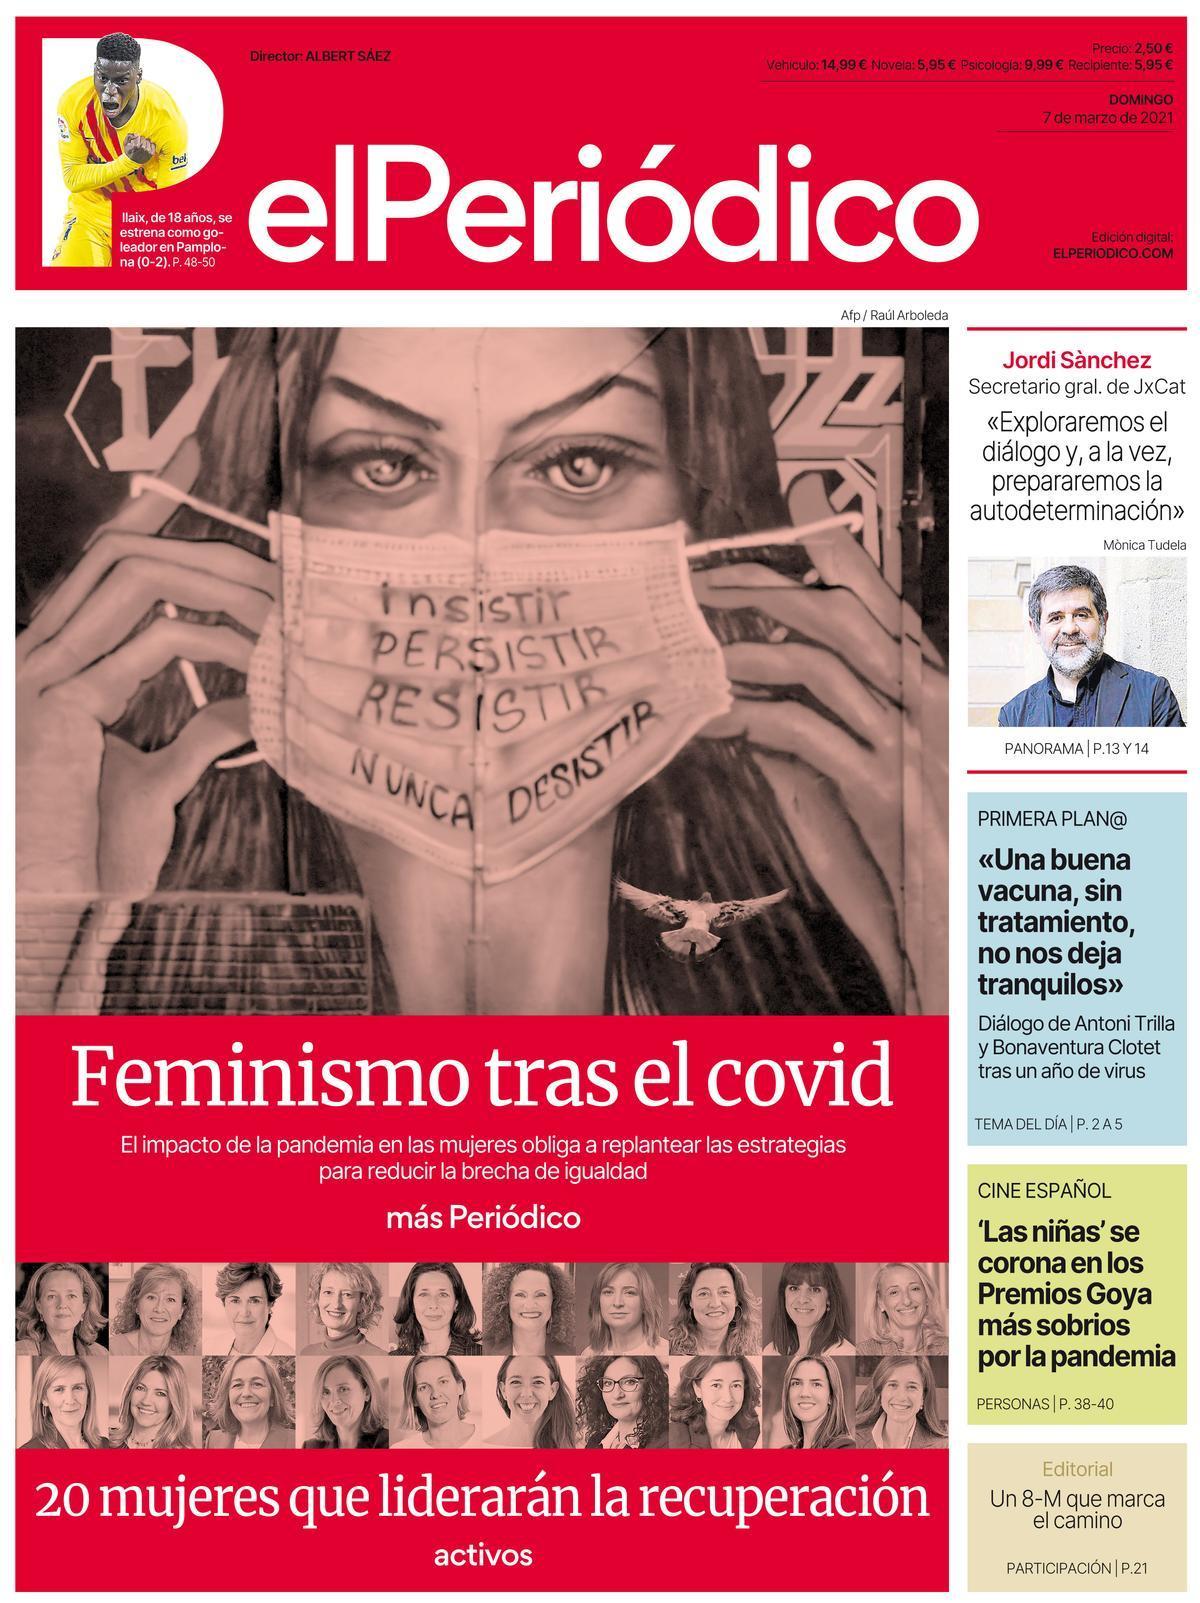 La portada de EL PERIÓDICO del 7 de marzo de 2021